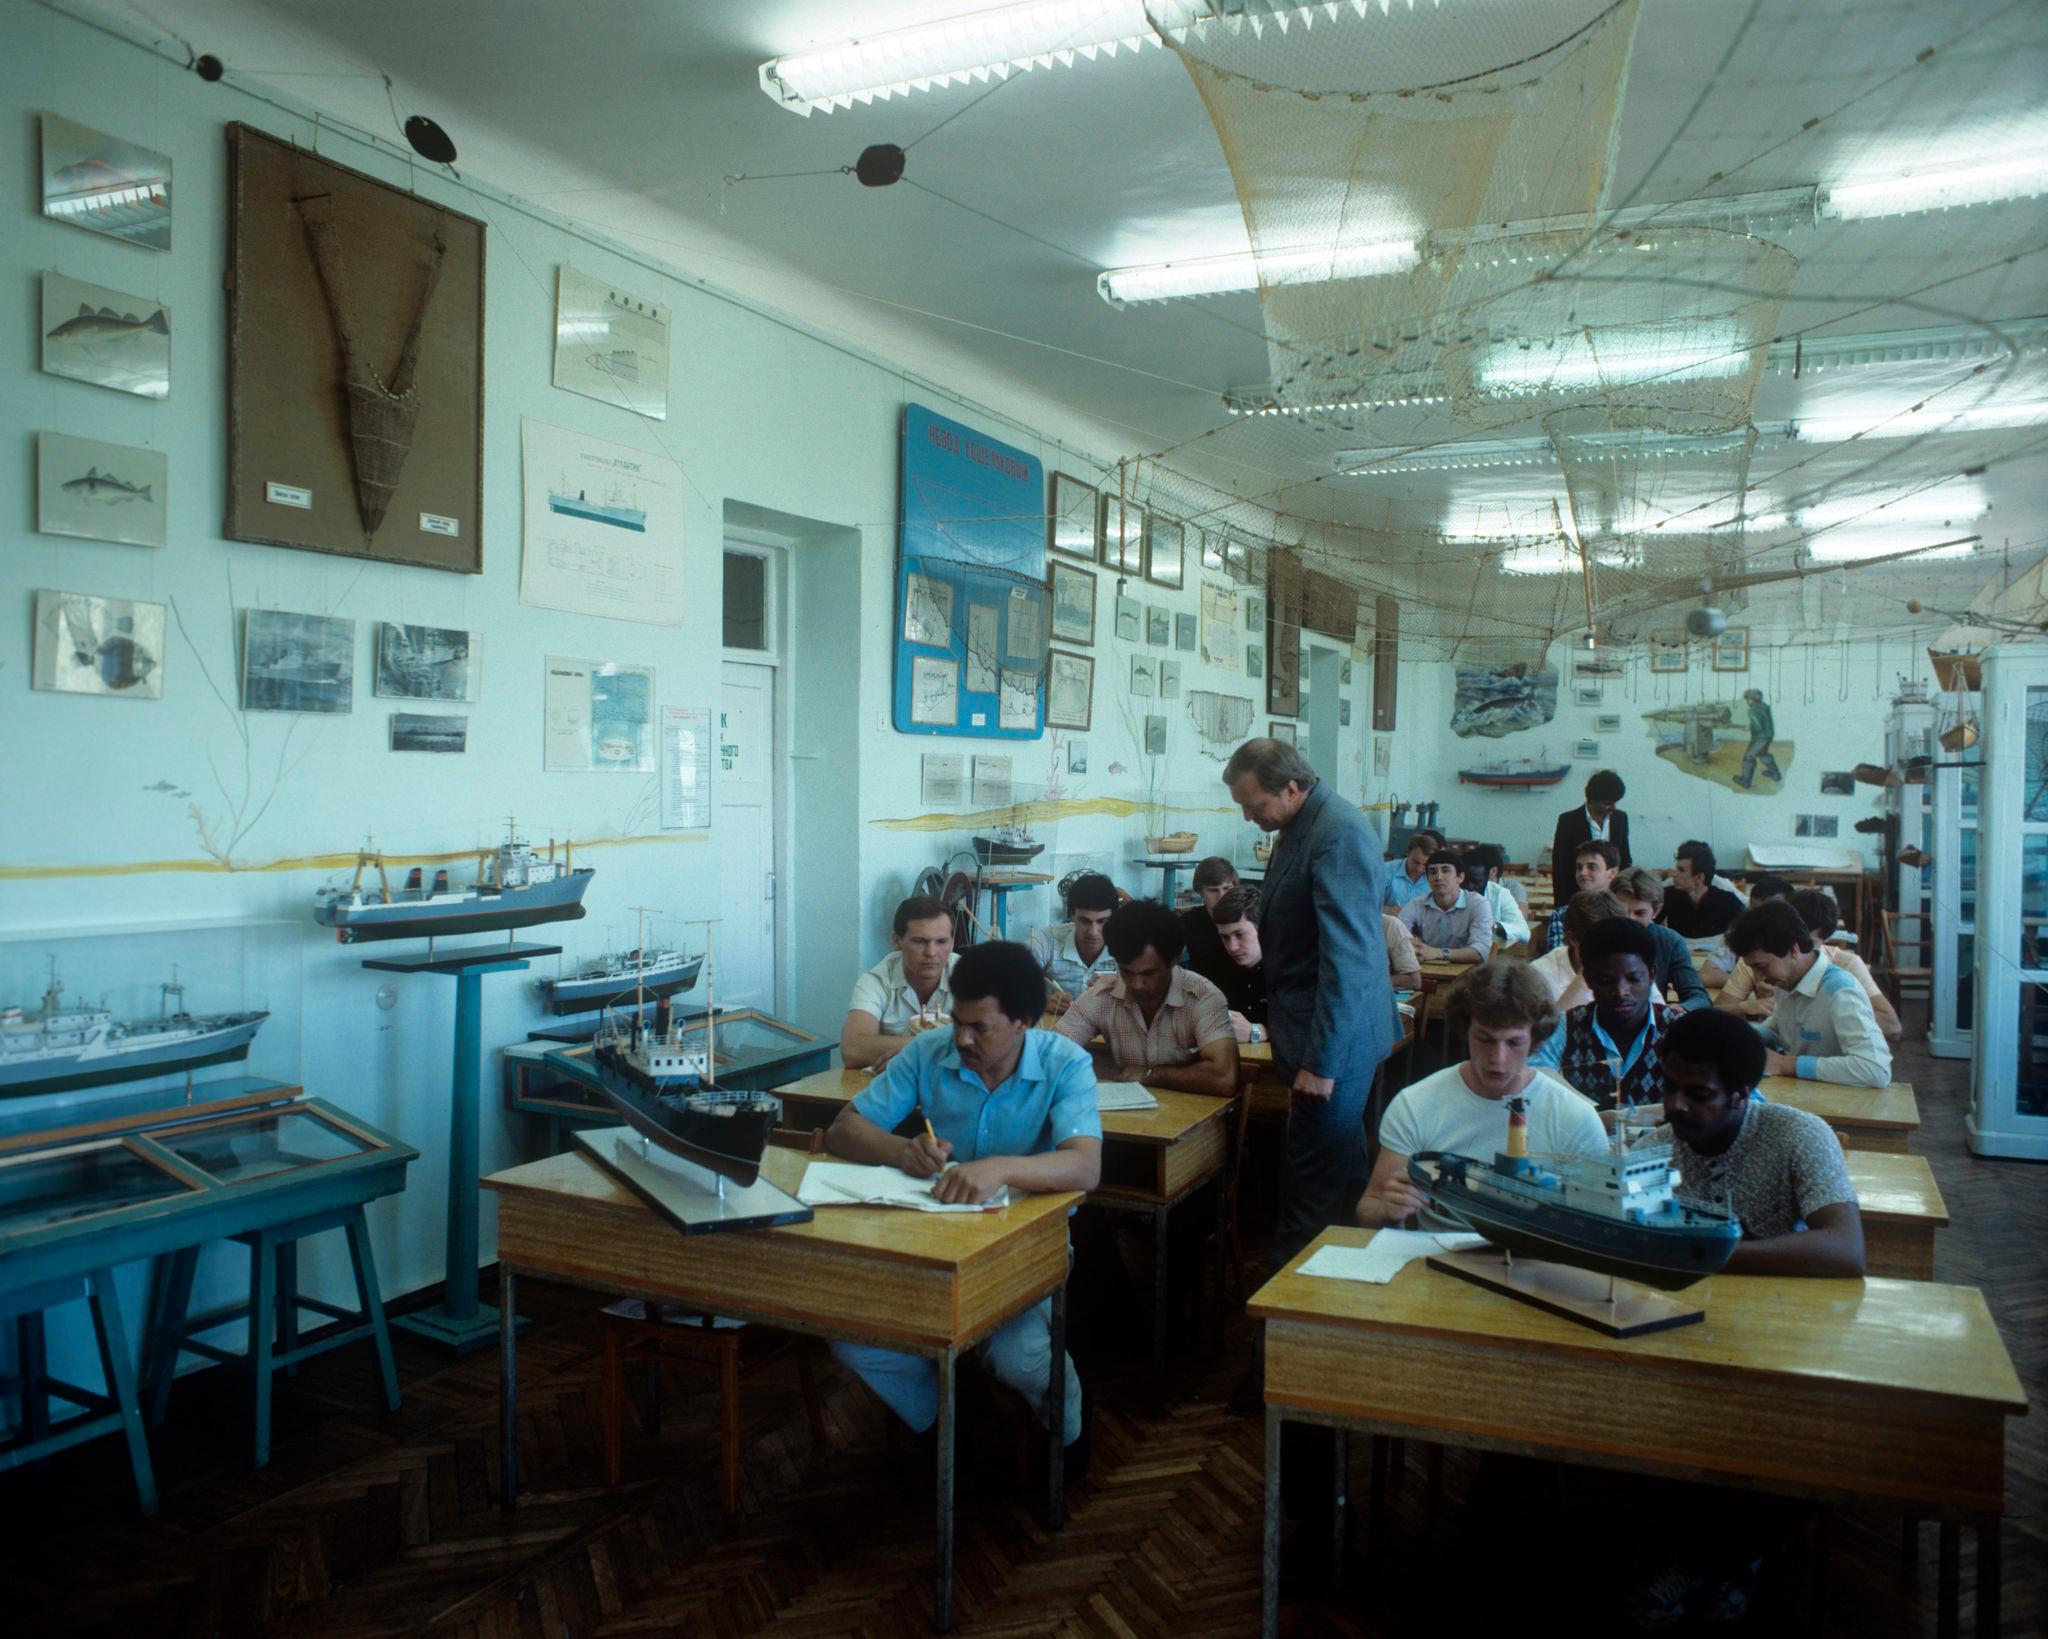 Технический институт рыбного хозяйства. В аудитории